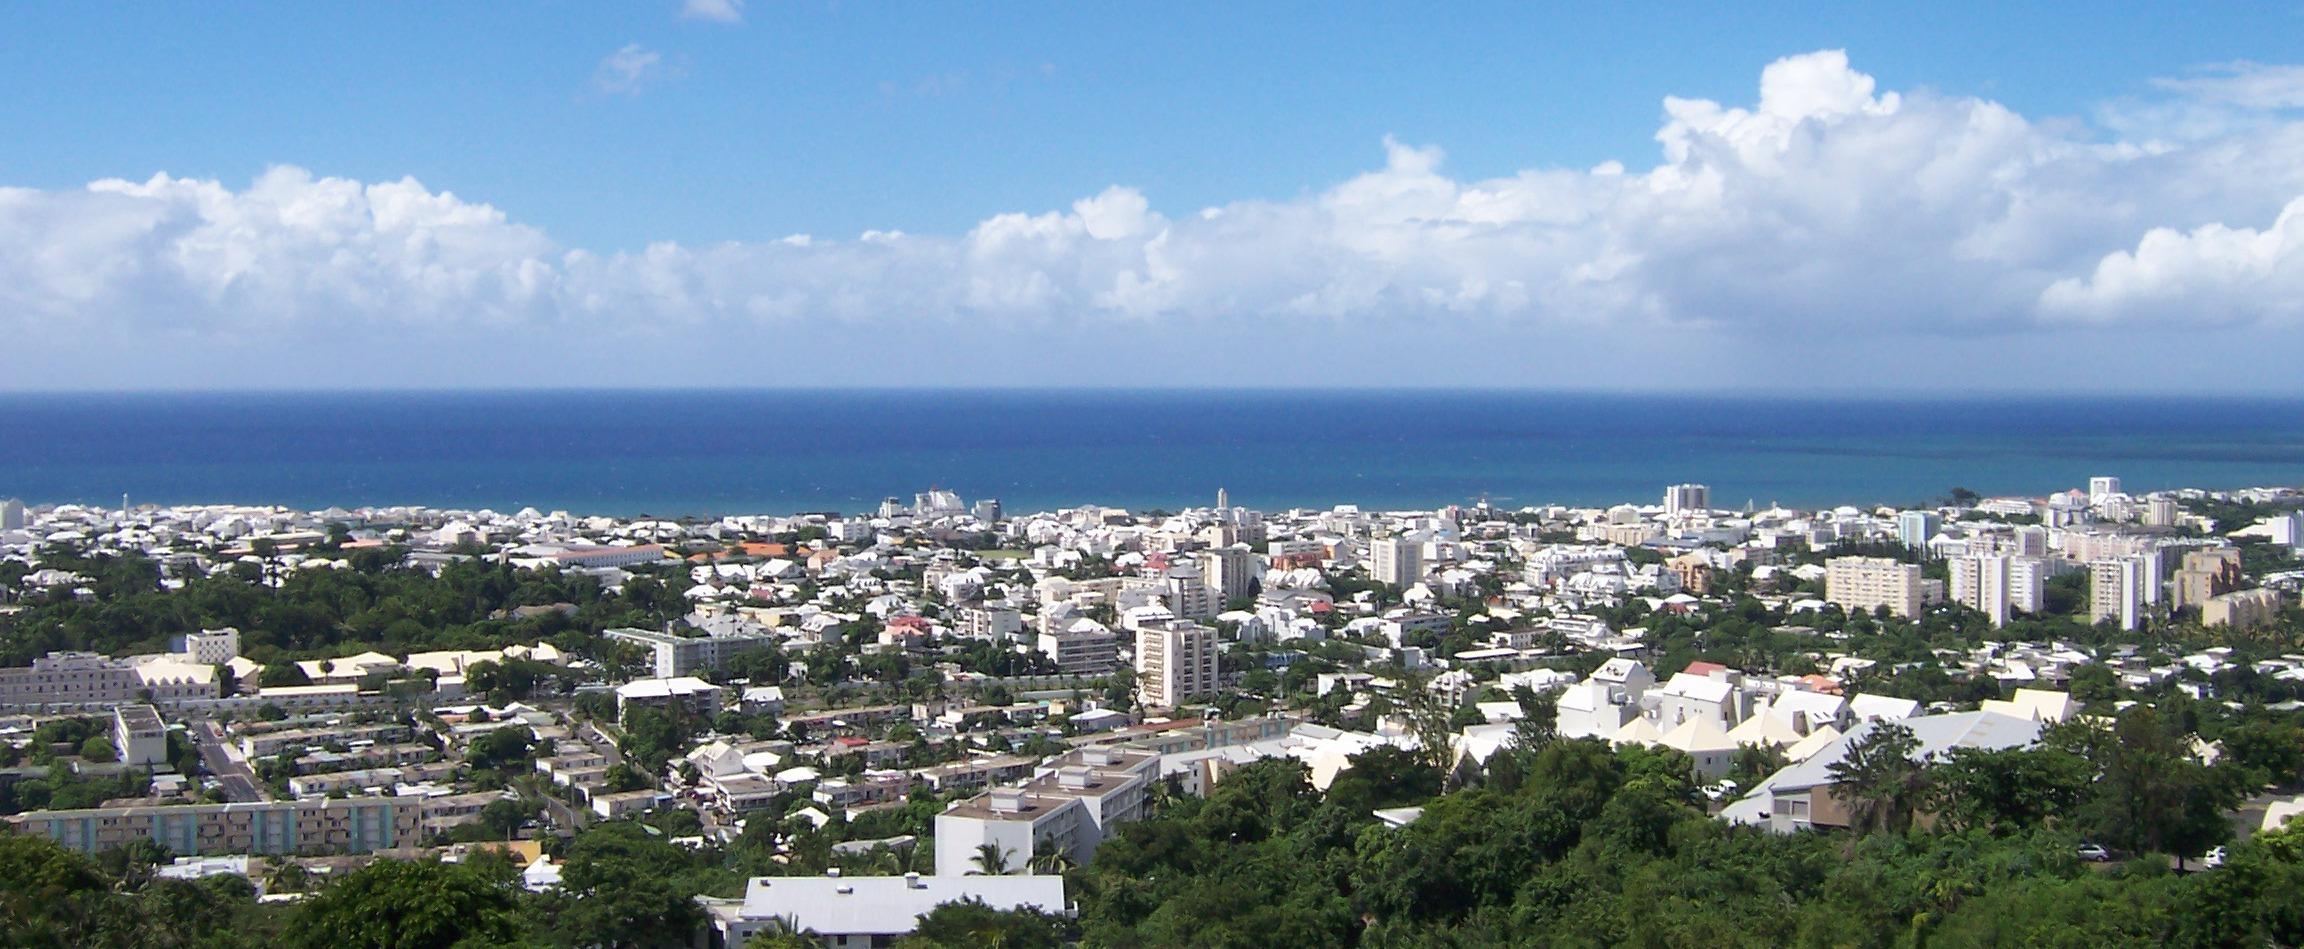 sexemodele Saint-Denis, Réunion